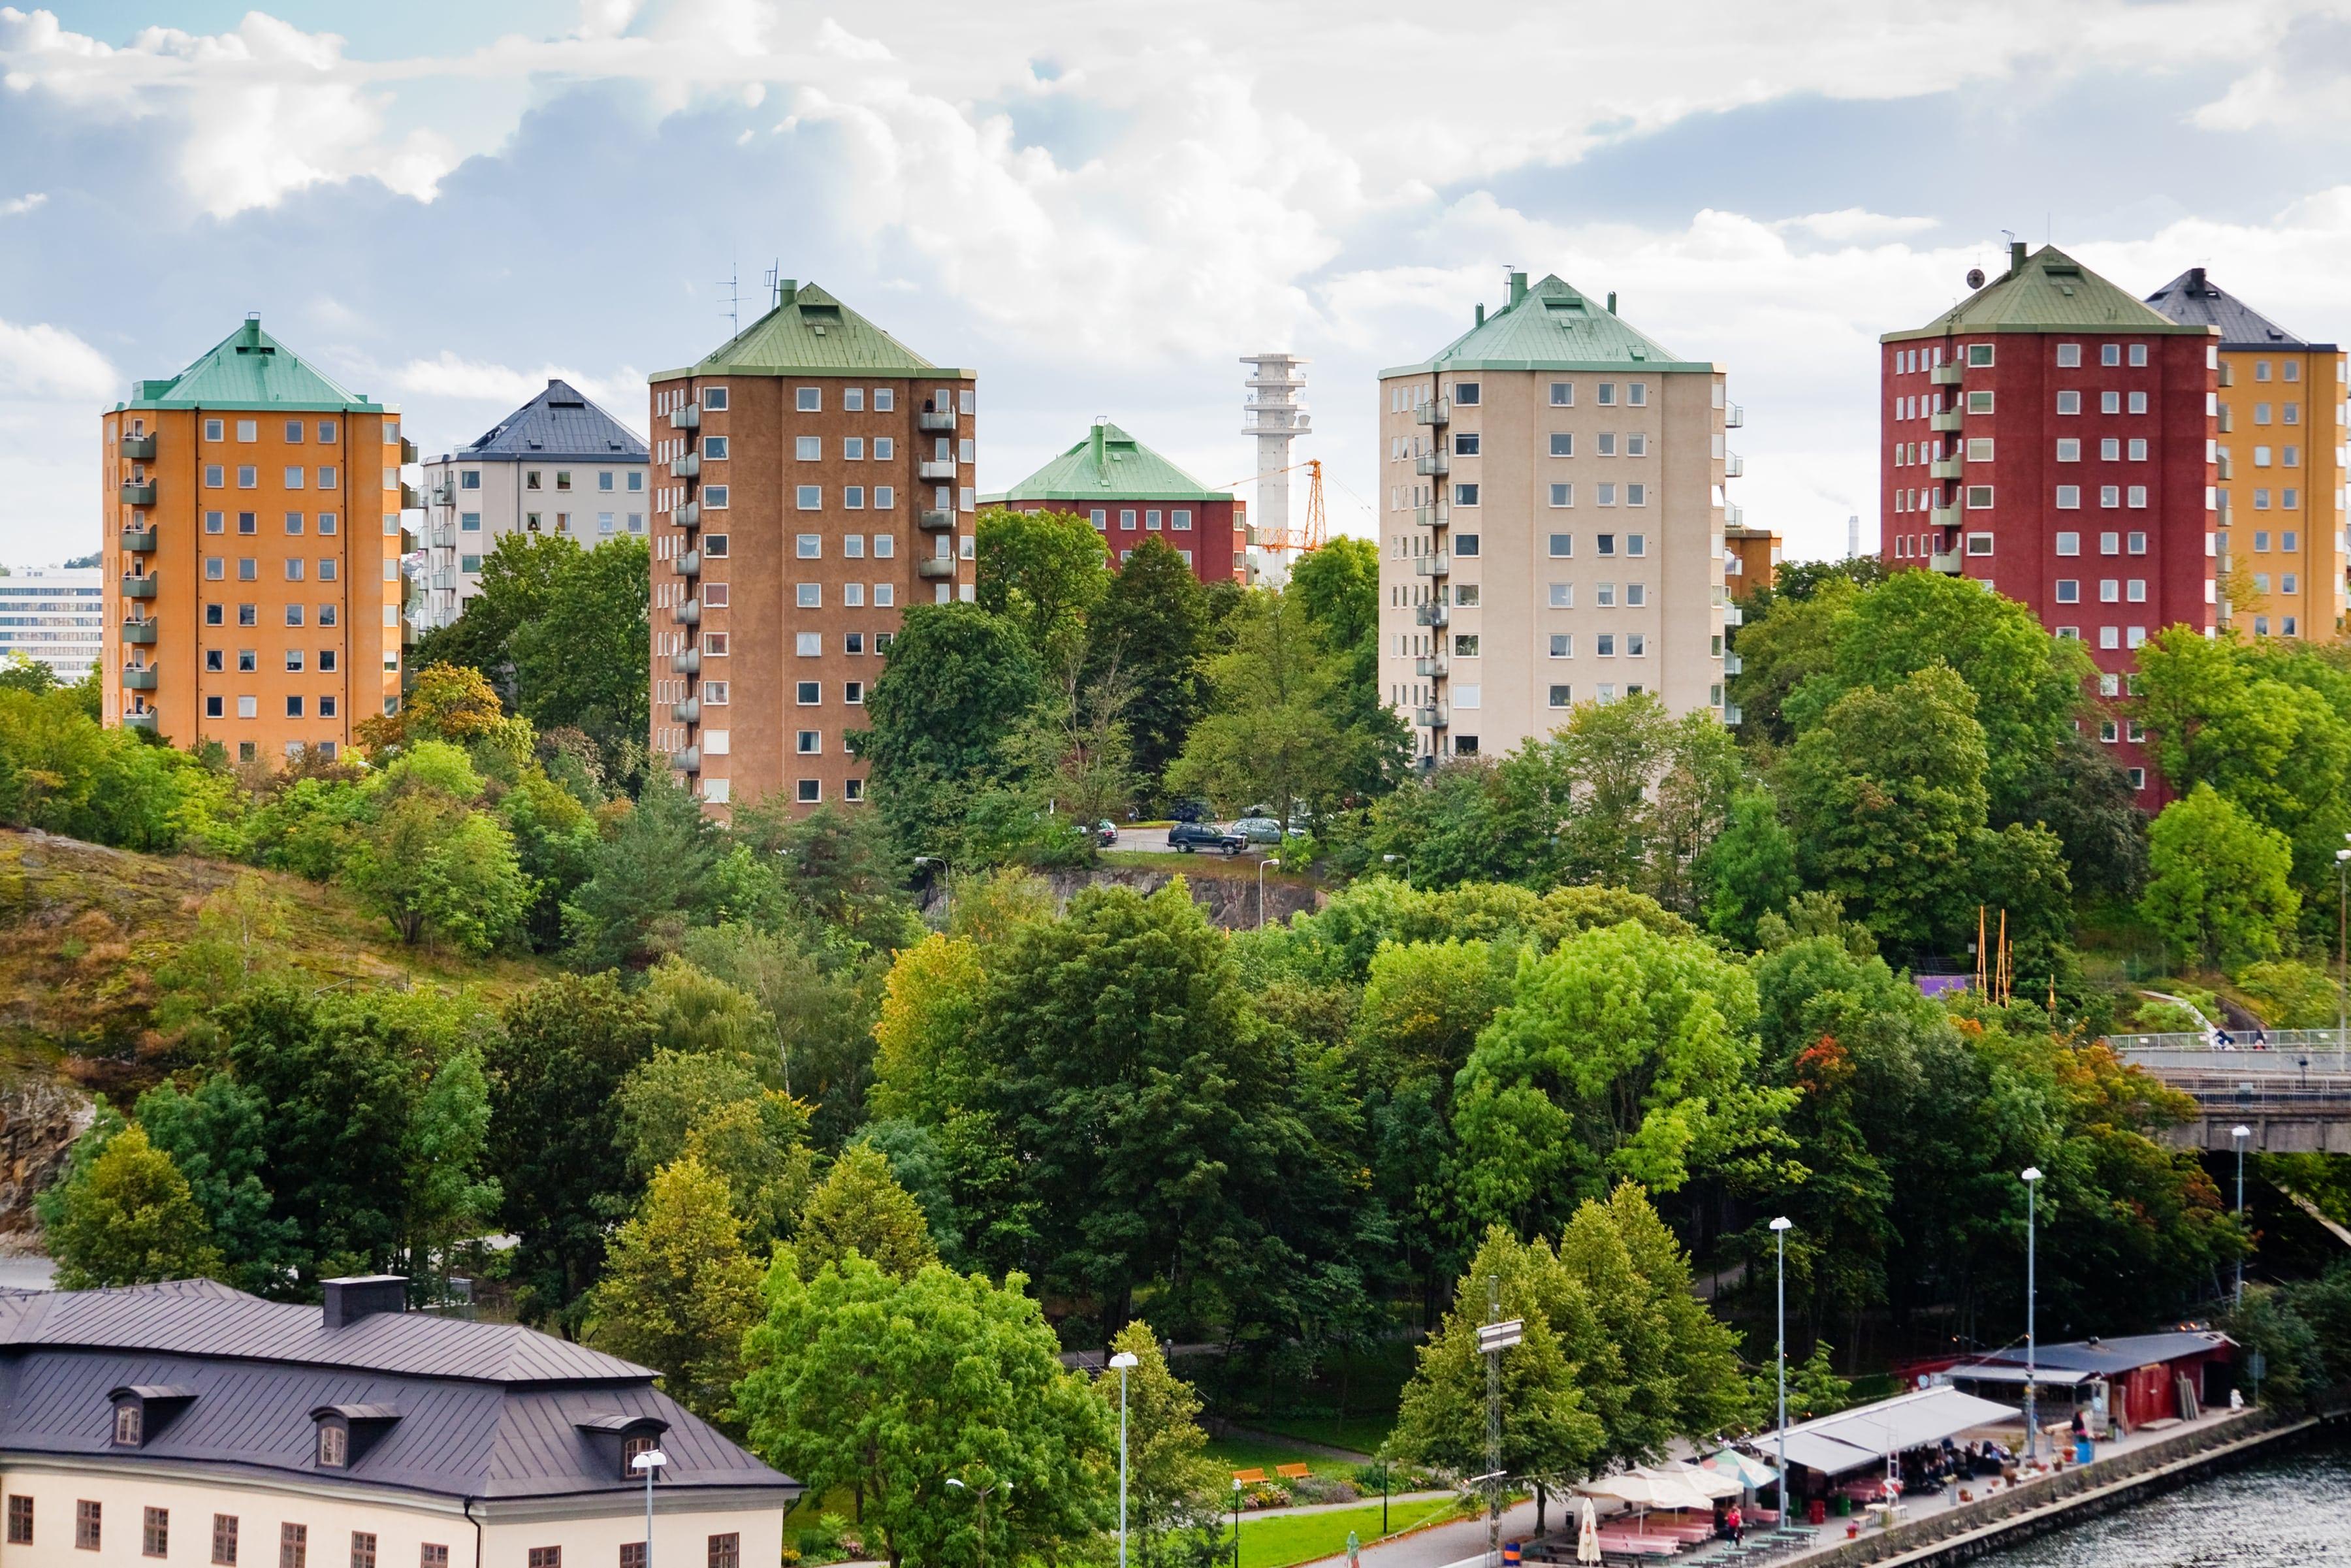 lägenhetshus i stockholm med gröna träd runt omkring